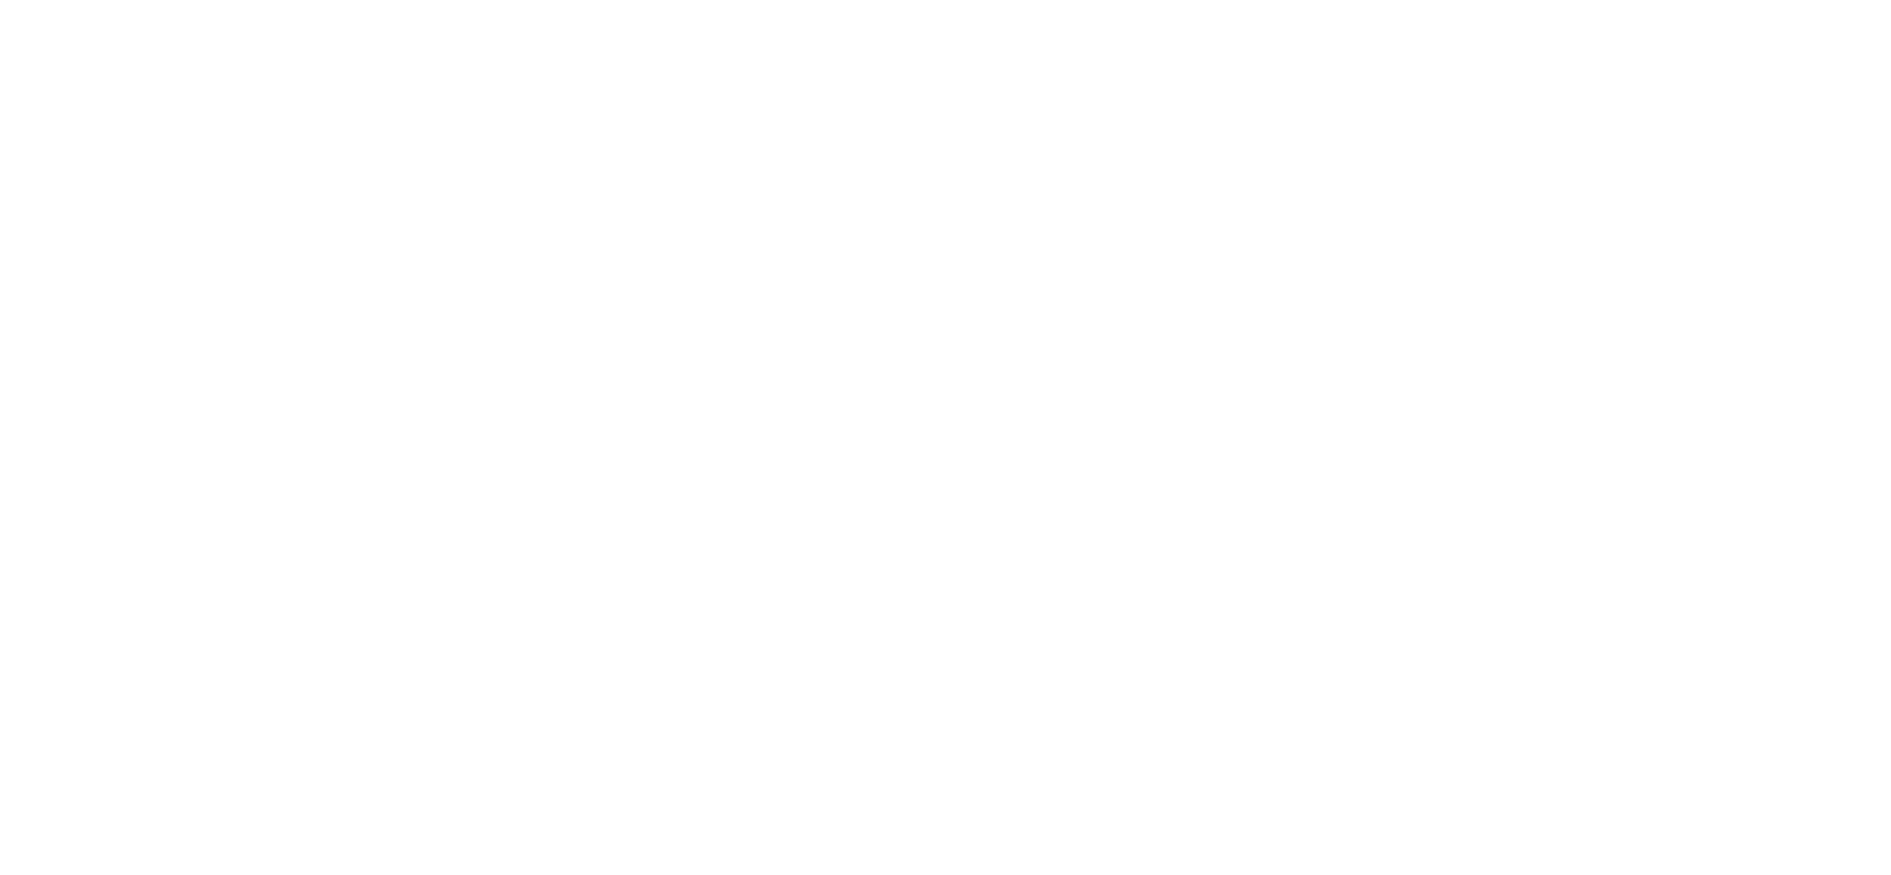 Kirchlengern_Logo_170316_Weiß_RZ